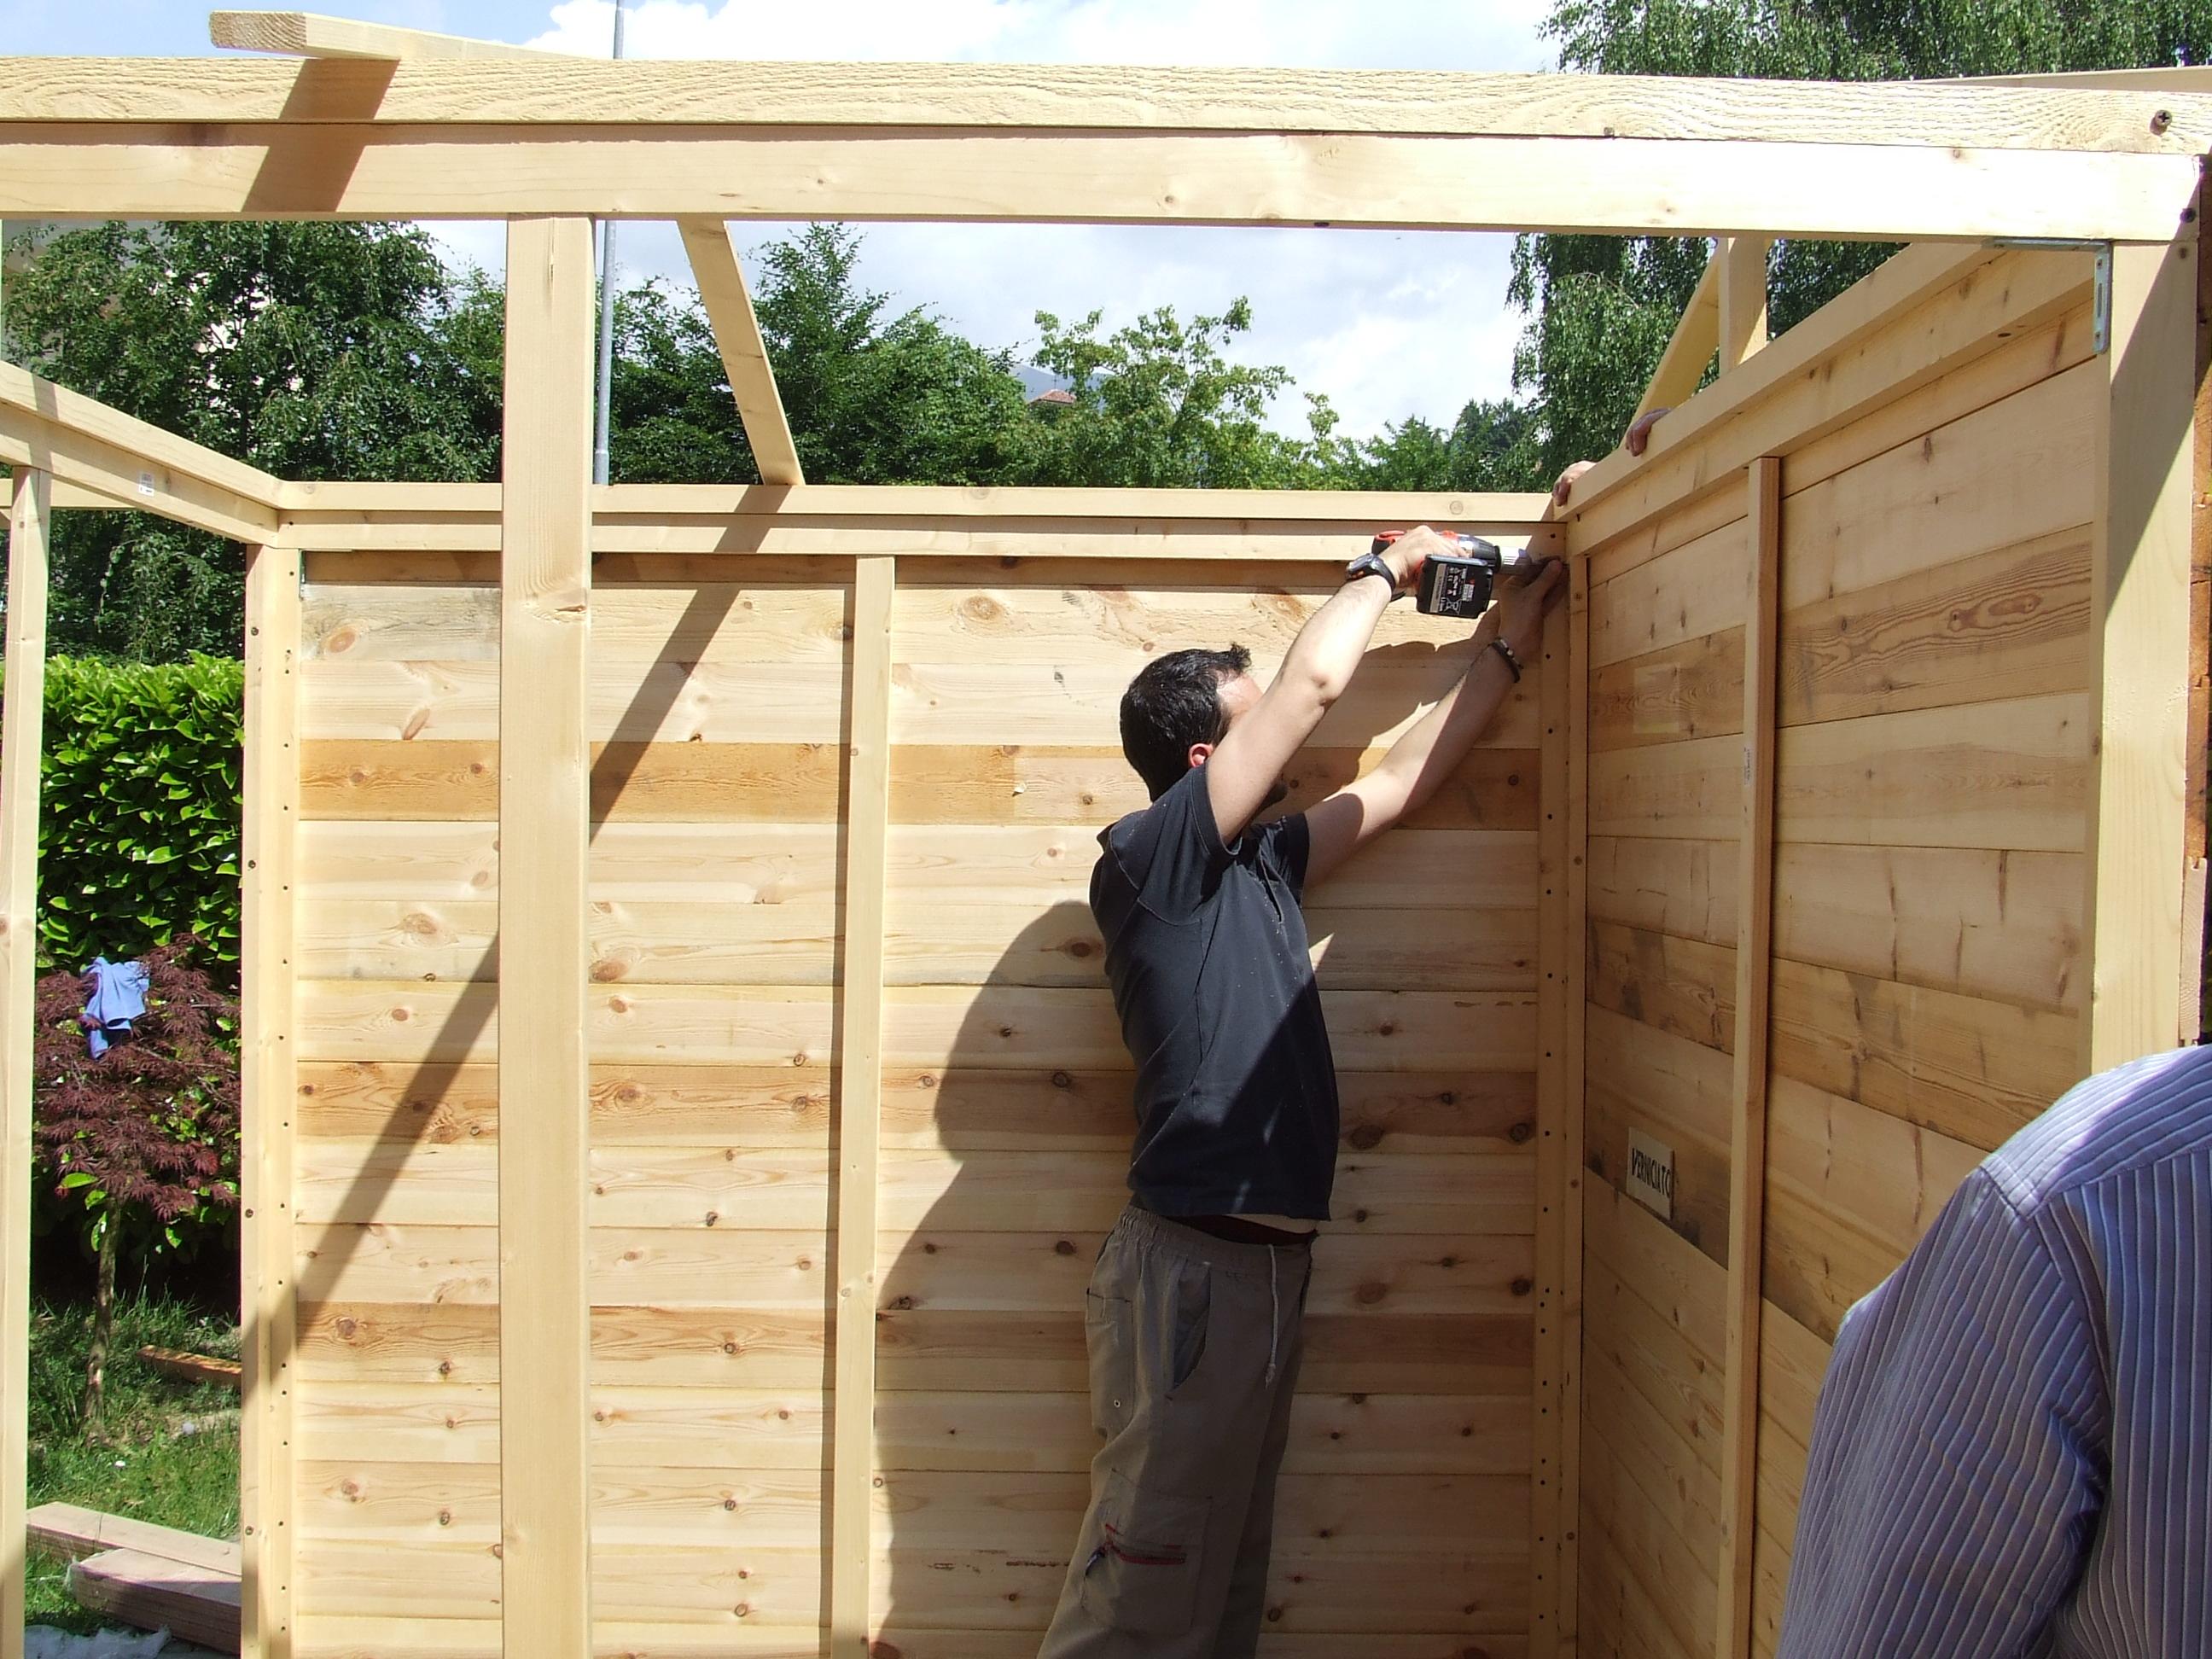 Casetta porta attrezzi in legno fai da te fardasefapertre for Costruire una tettoia fai da te